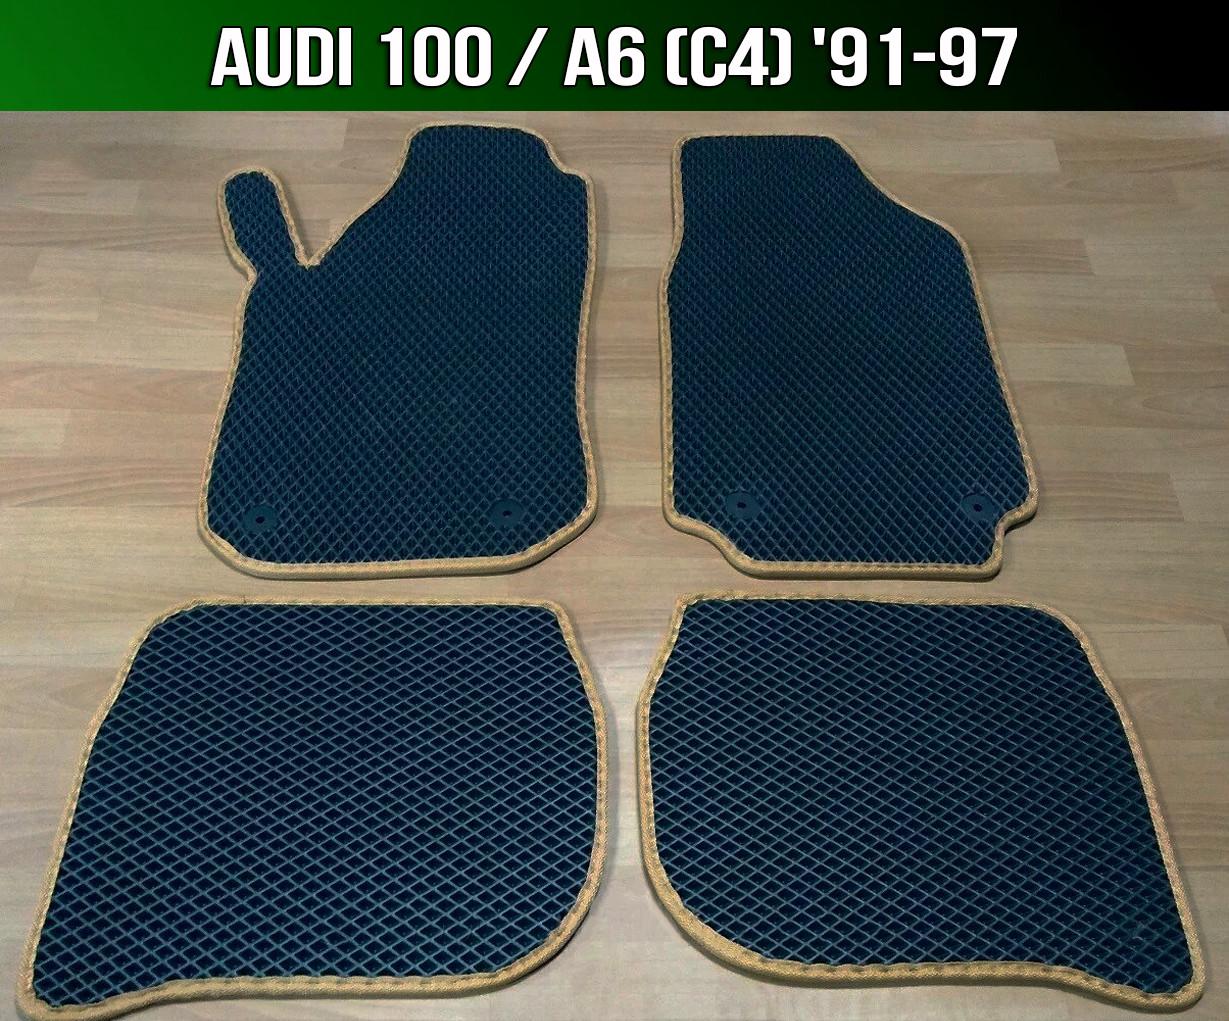 ЕВА коврики на Audi 100 / A6 C4 '91-97. Ковры EVA Ауди 100 А6 С4